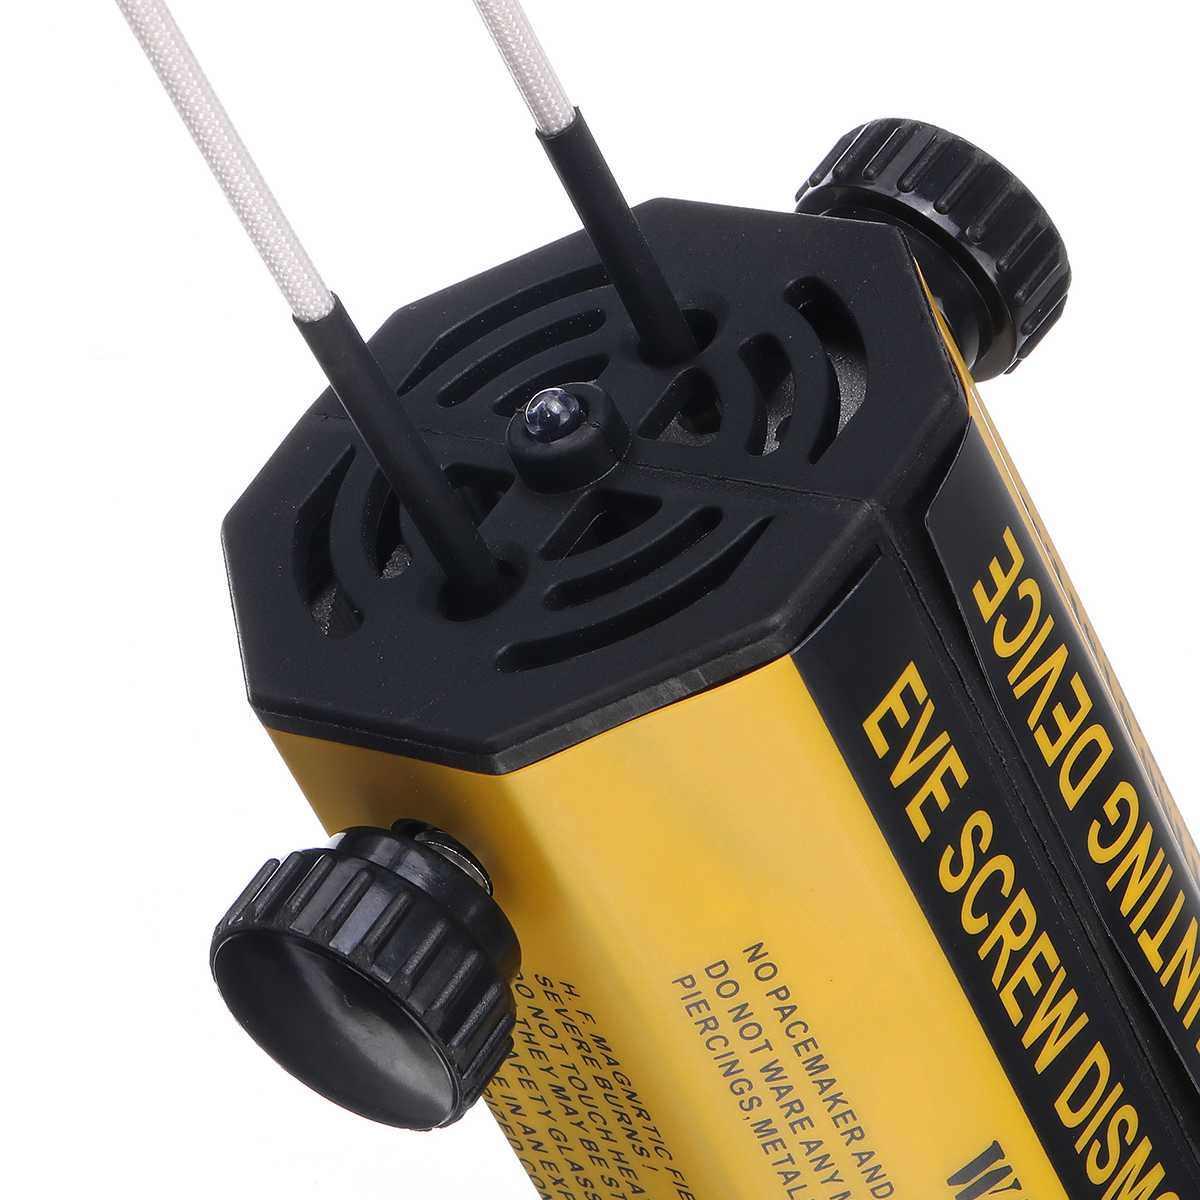 Calentador de inducción 110 V/220 V 8 bobinas kit de herramientas de eliminación de calor sin llama calefactor por inducción magnética herramienta de reparación de desmontaje de coche